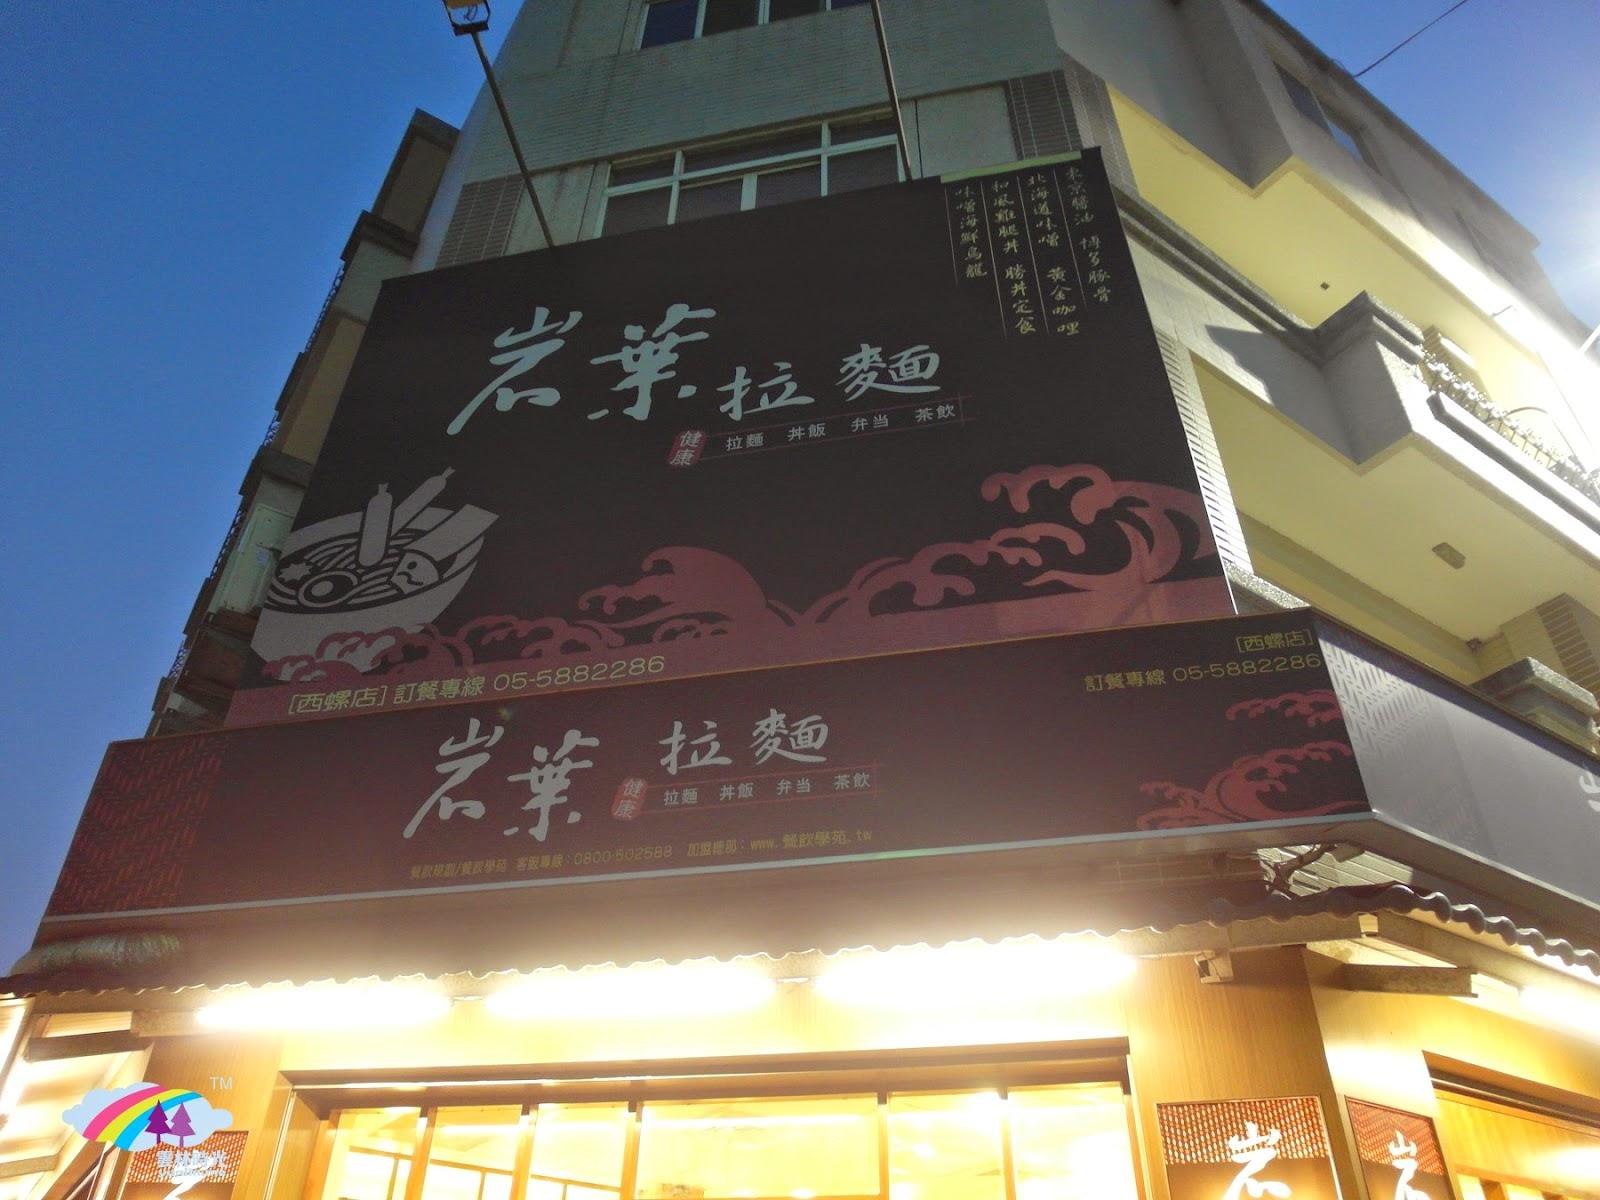 斗六/西螺-平價的日本味,岩葉拉麵斗六店/西螺店